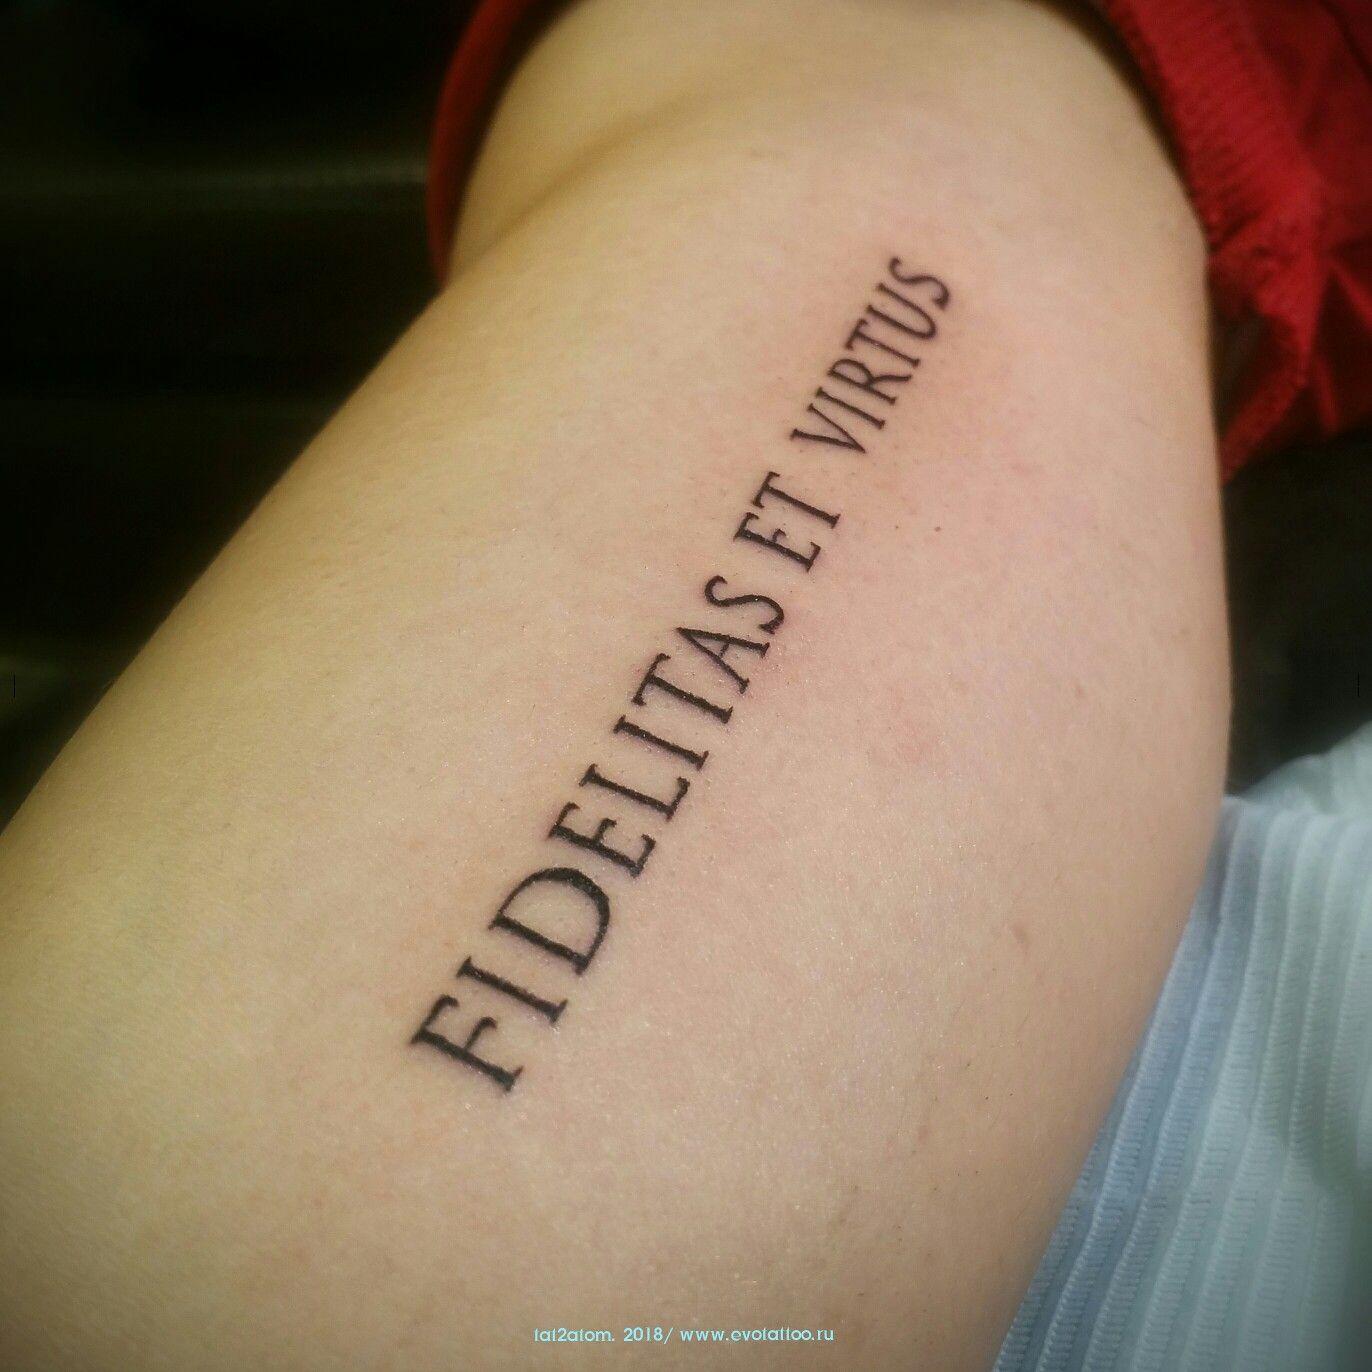 тату надпись на латыни татуировка сделана сделана по макету шрифта